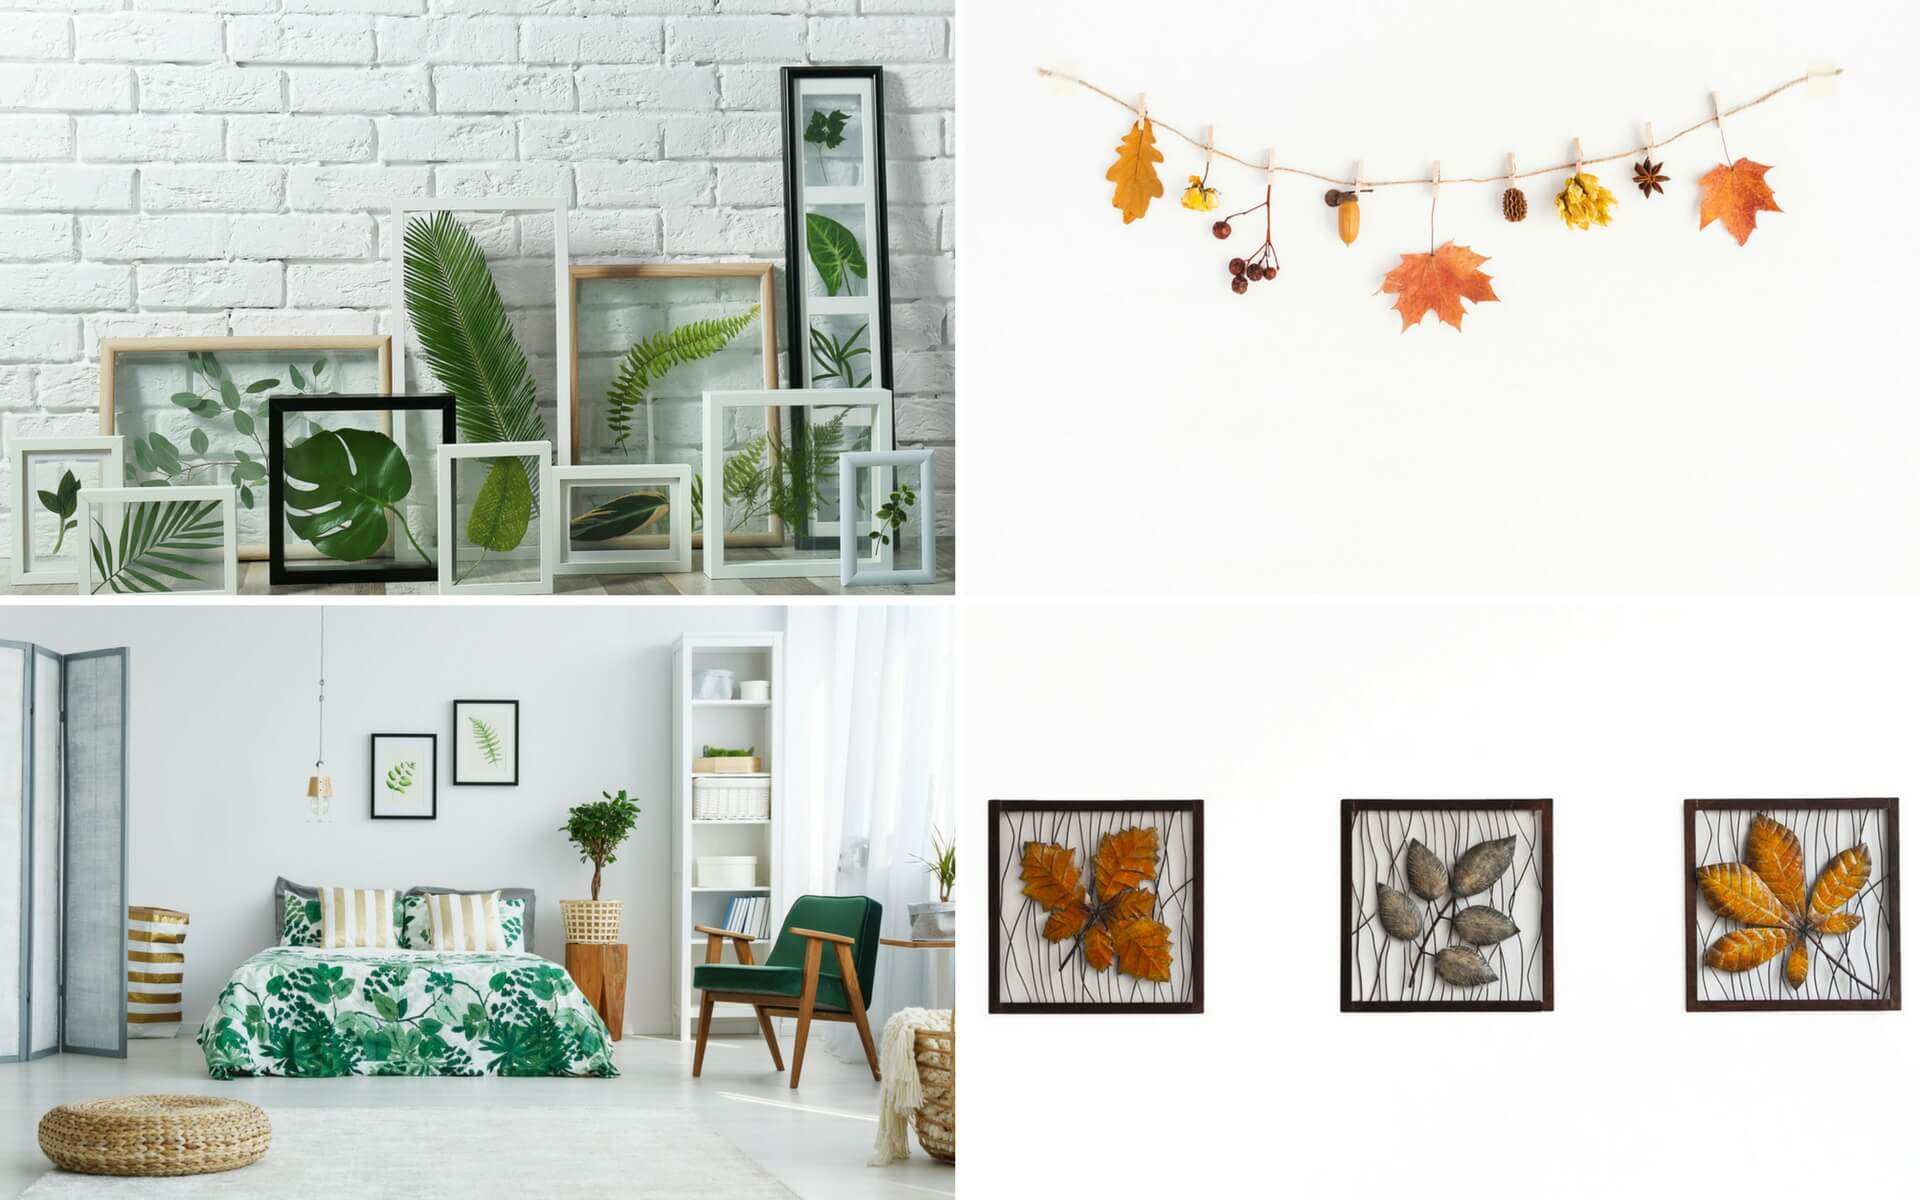 Consigli pratici per decorare le pareti di casa utilizzando semplici foglie